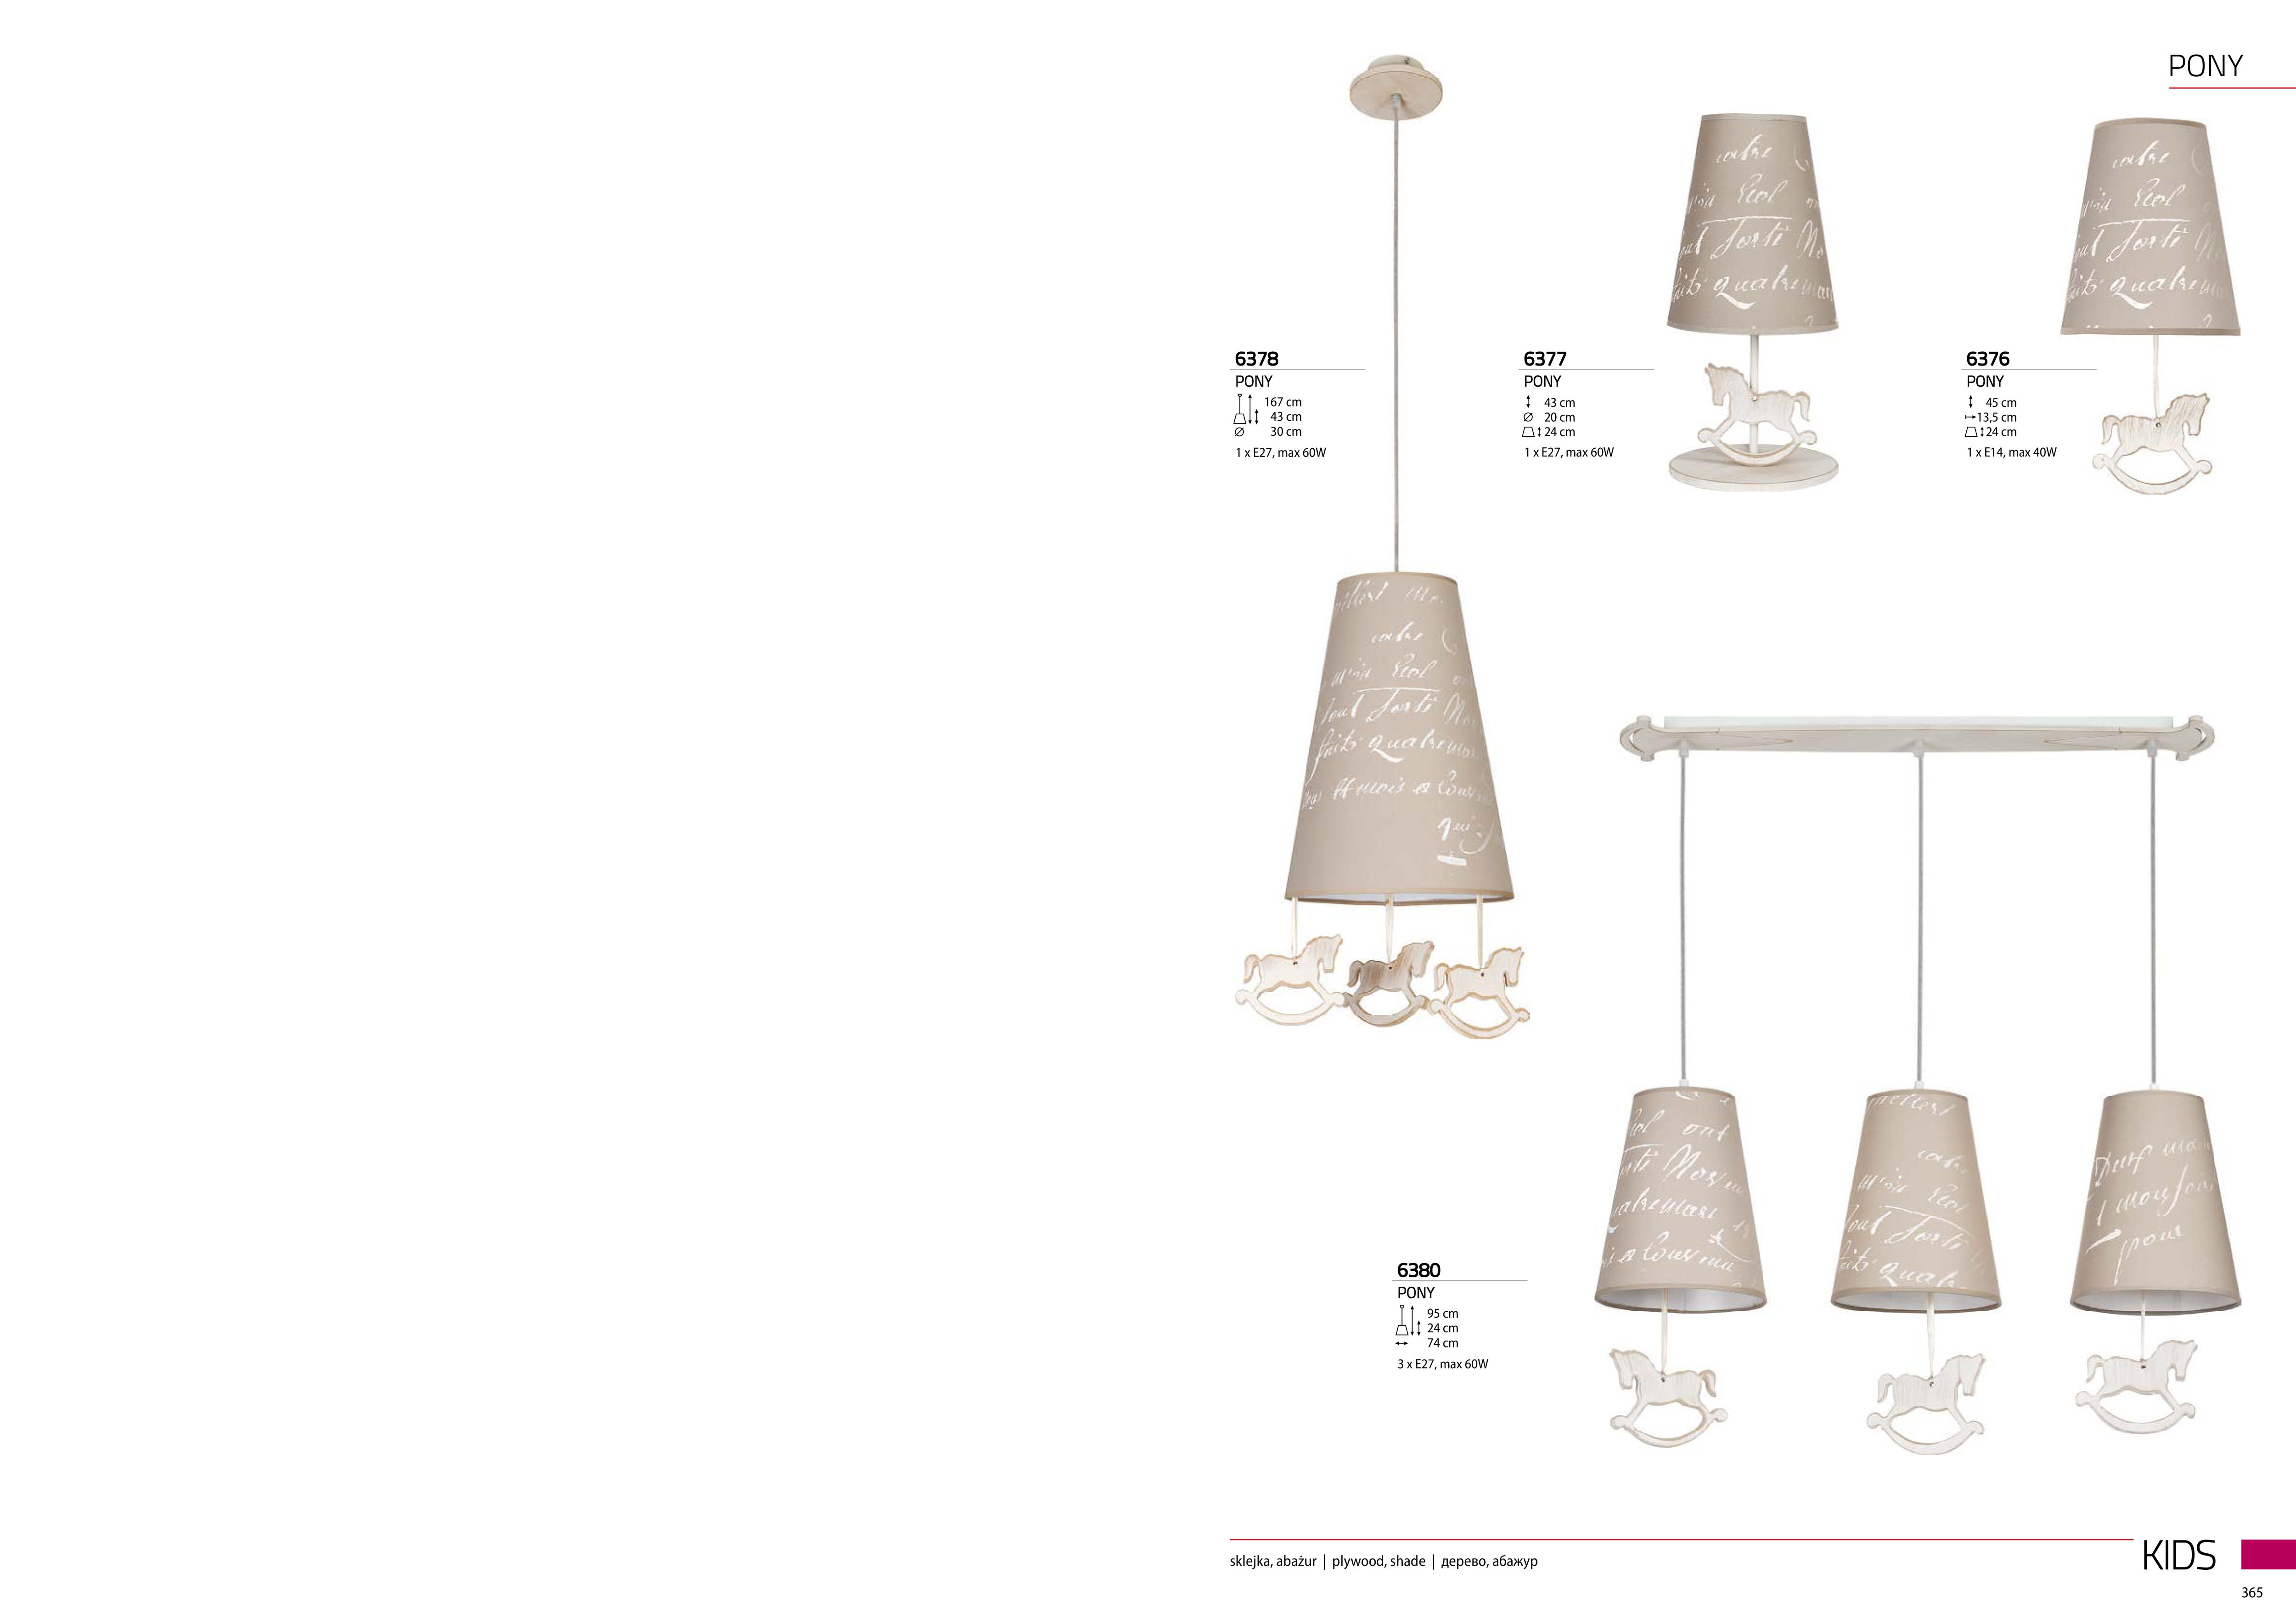 Подвесной светильник Nowodvorski Pony 6378, 1xE27x60W, бежевый, коричневый, дерево, текстиль - фото 3